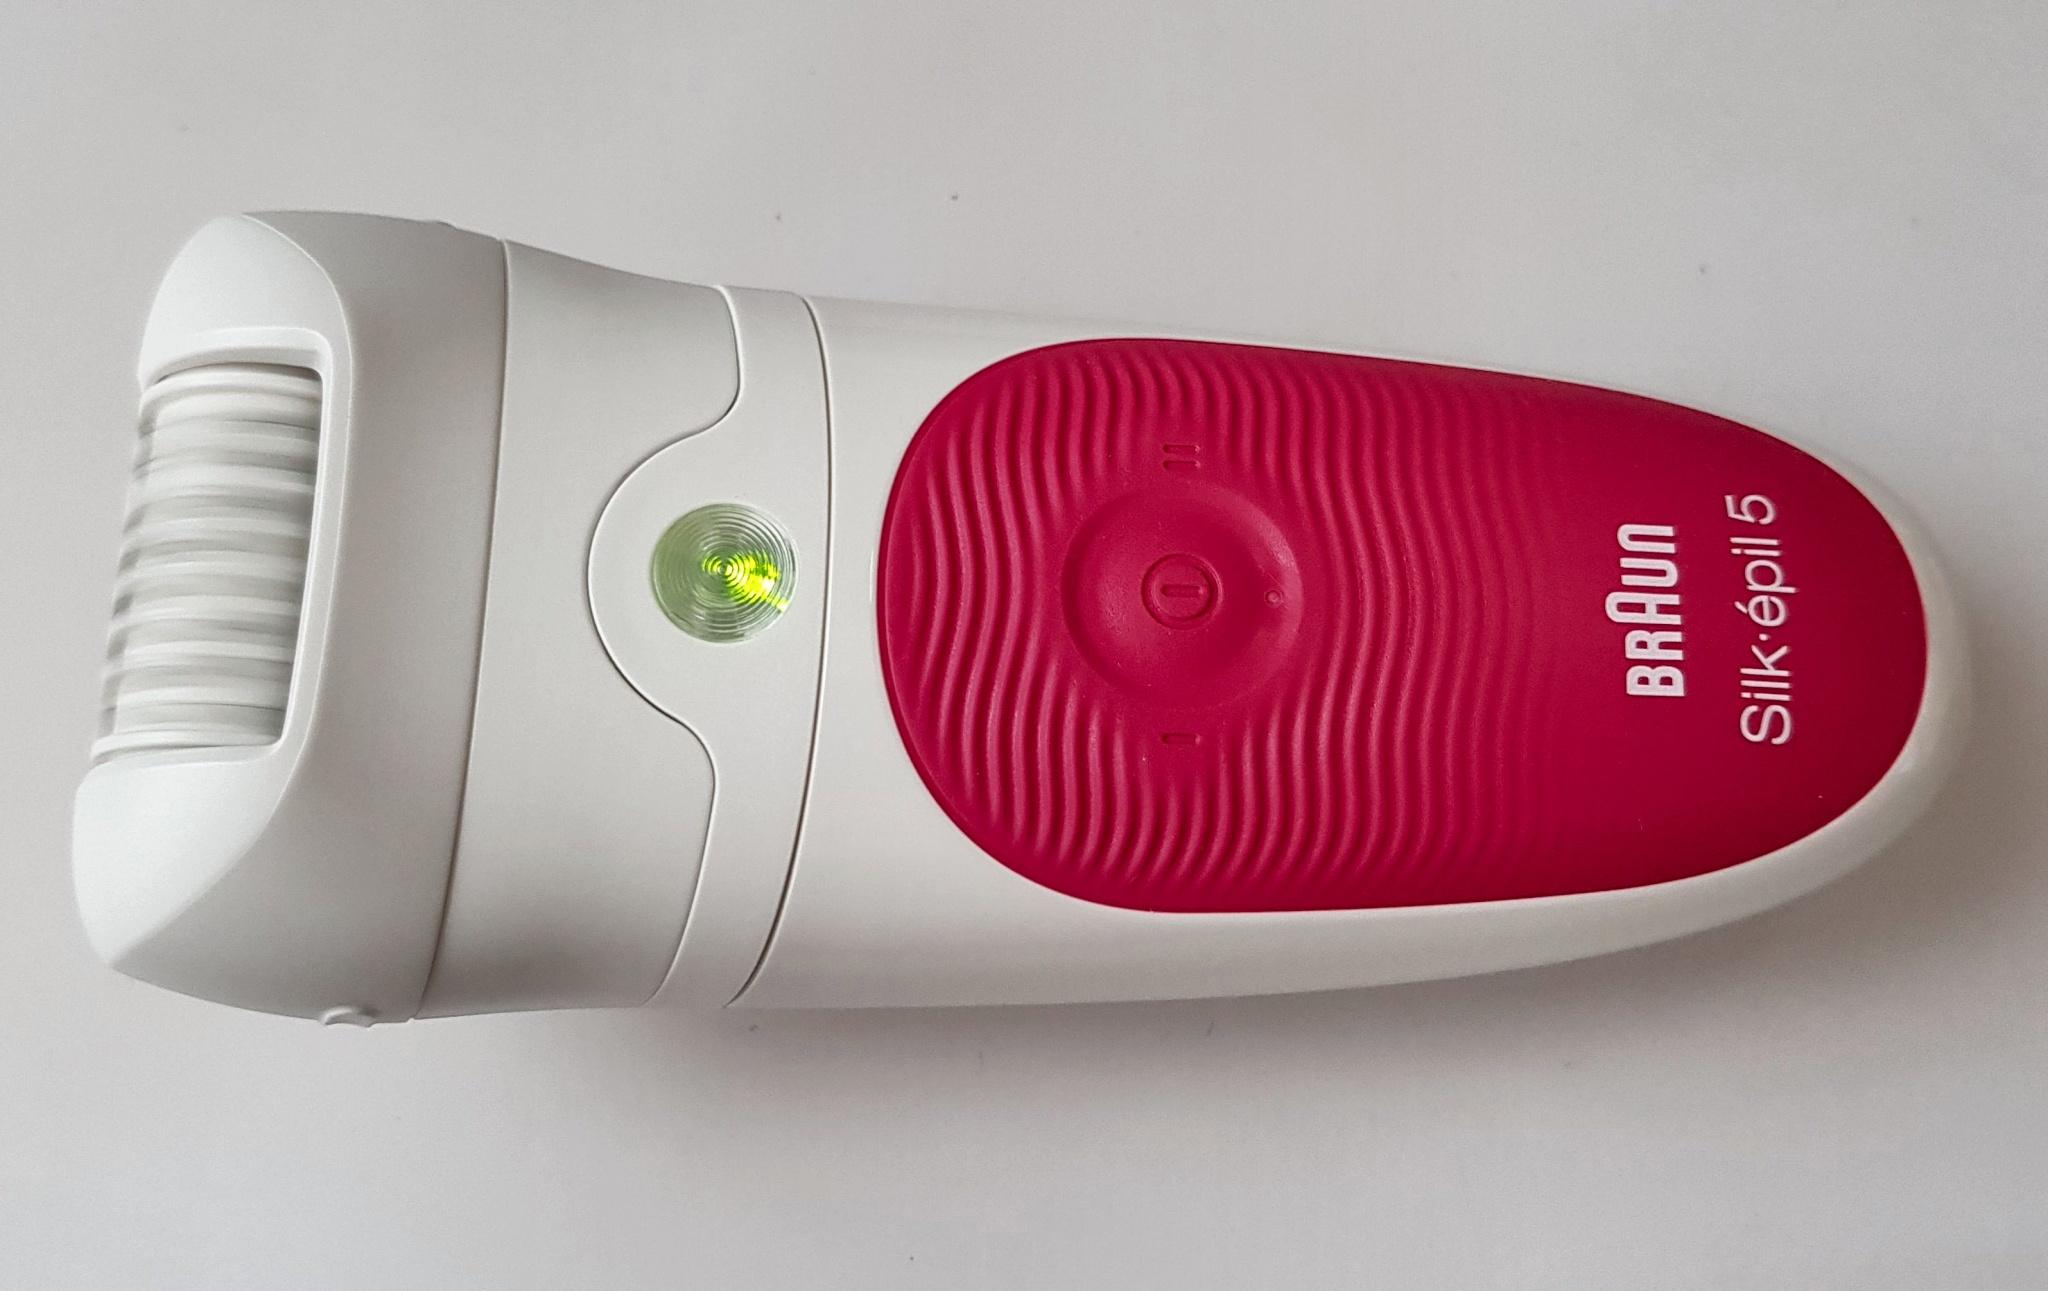 Купить Эпилятор BRAUN 5-531 белый в интернет-магазине СИТИЛИНК, цена на Эпилятор BRAUN 5-531 белый (334768)